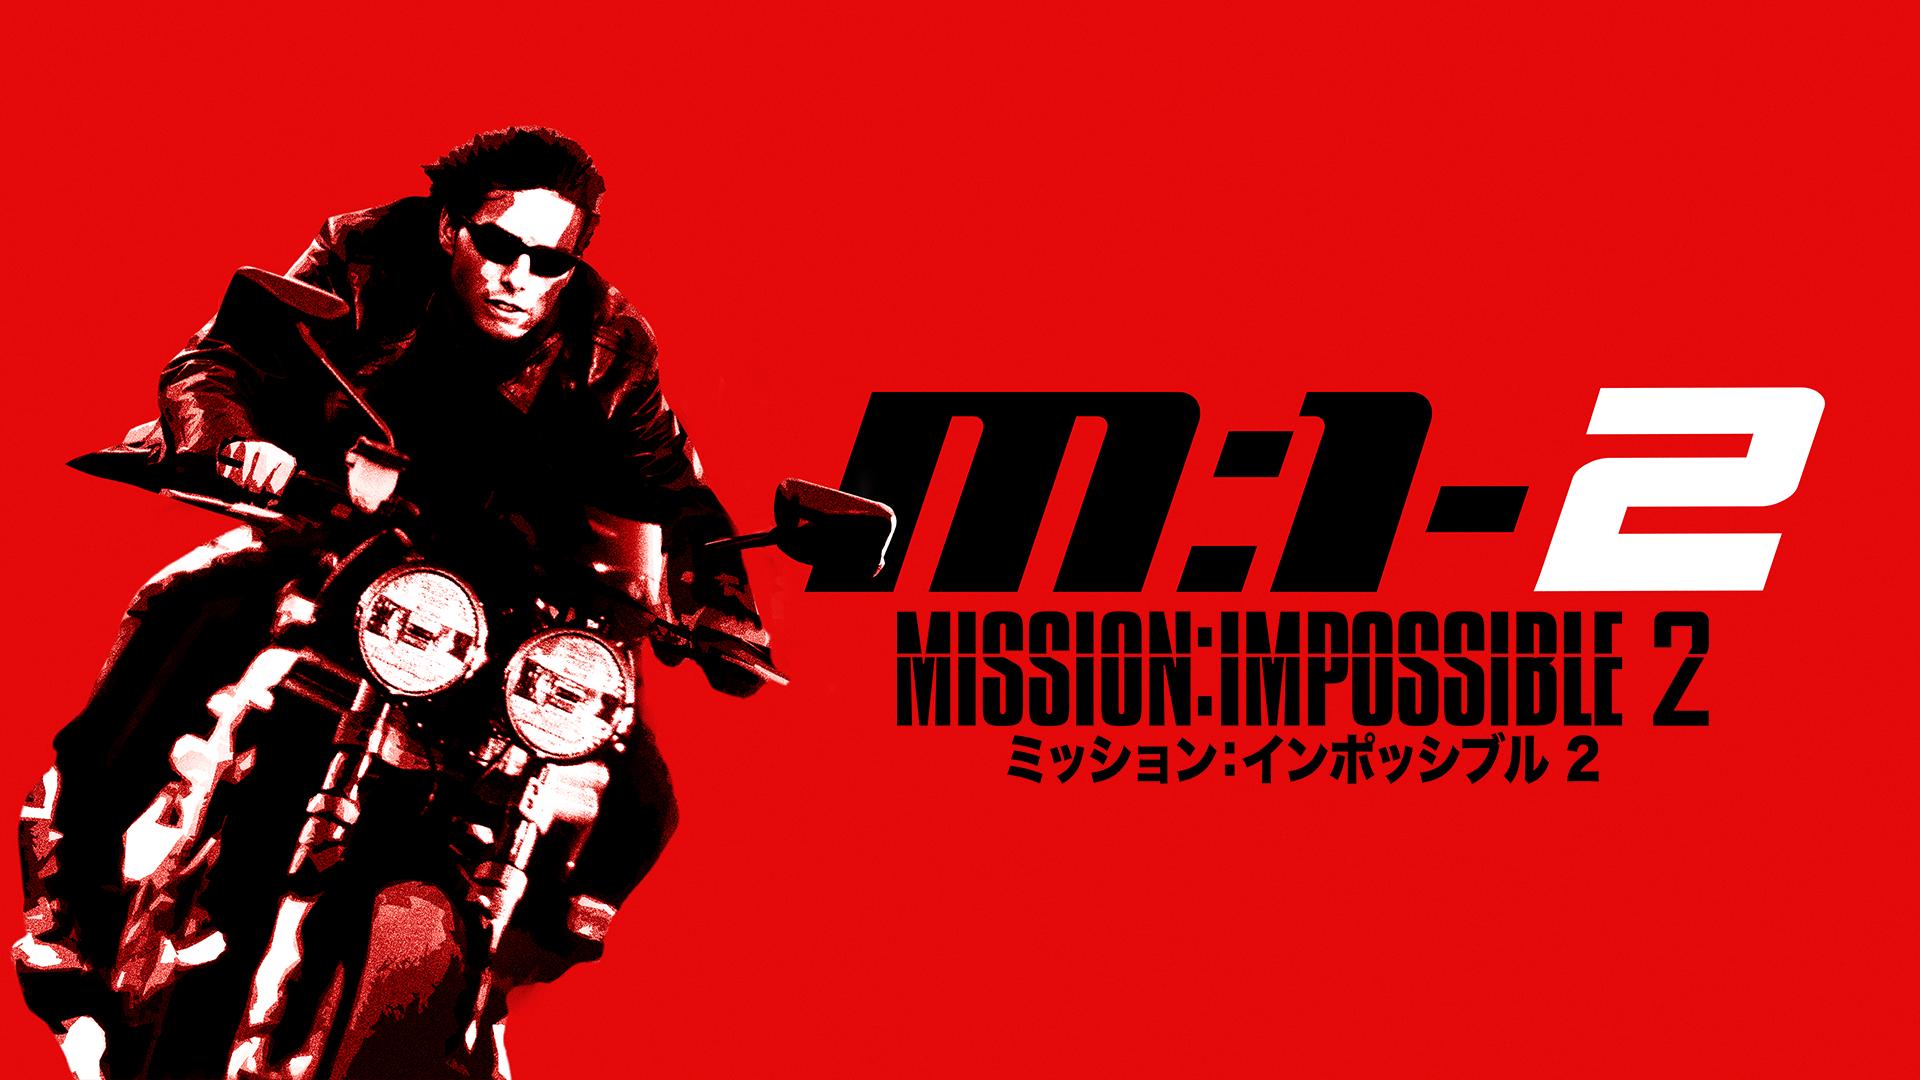 ミッション:インポッシブル2の動画 - ミッション:インポッシブル5/ローグ・ネイション